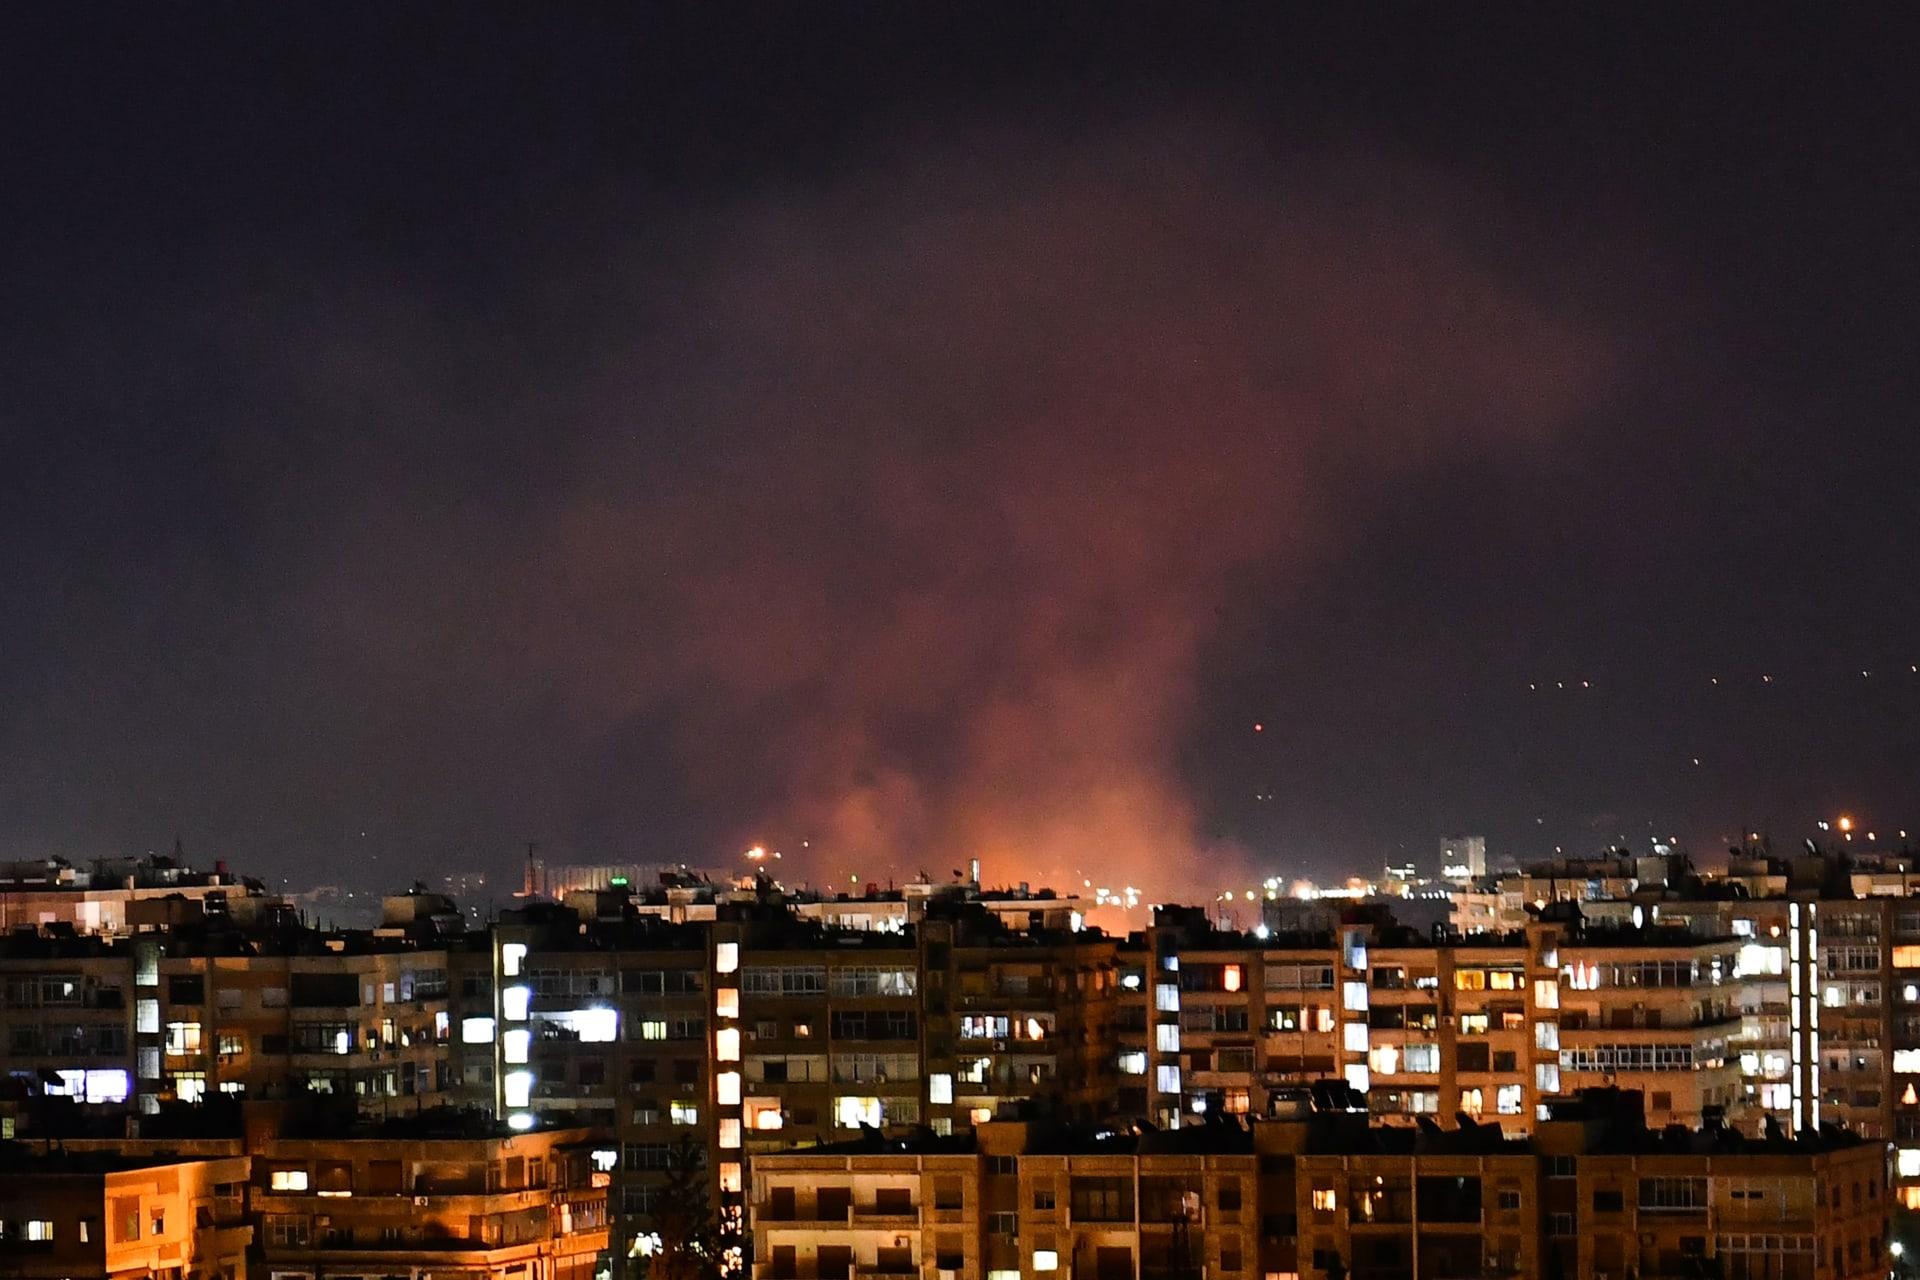 غارة جوية إسرائيلية تستهدف مواقع للنظام السوري جنوبي العاصمة دمشق